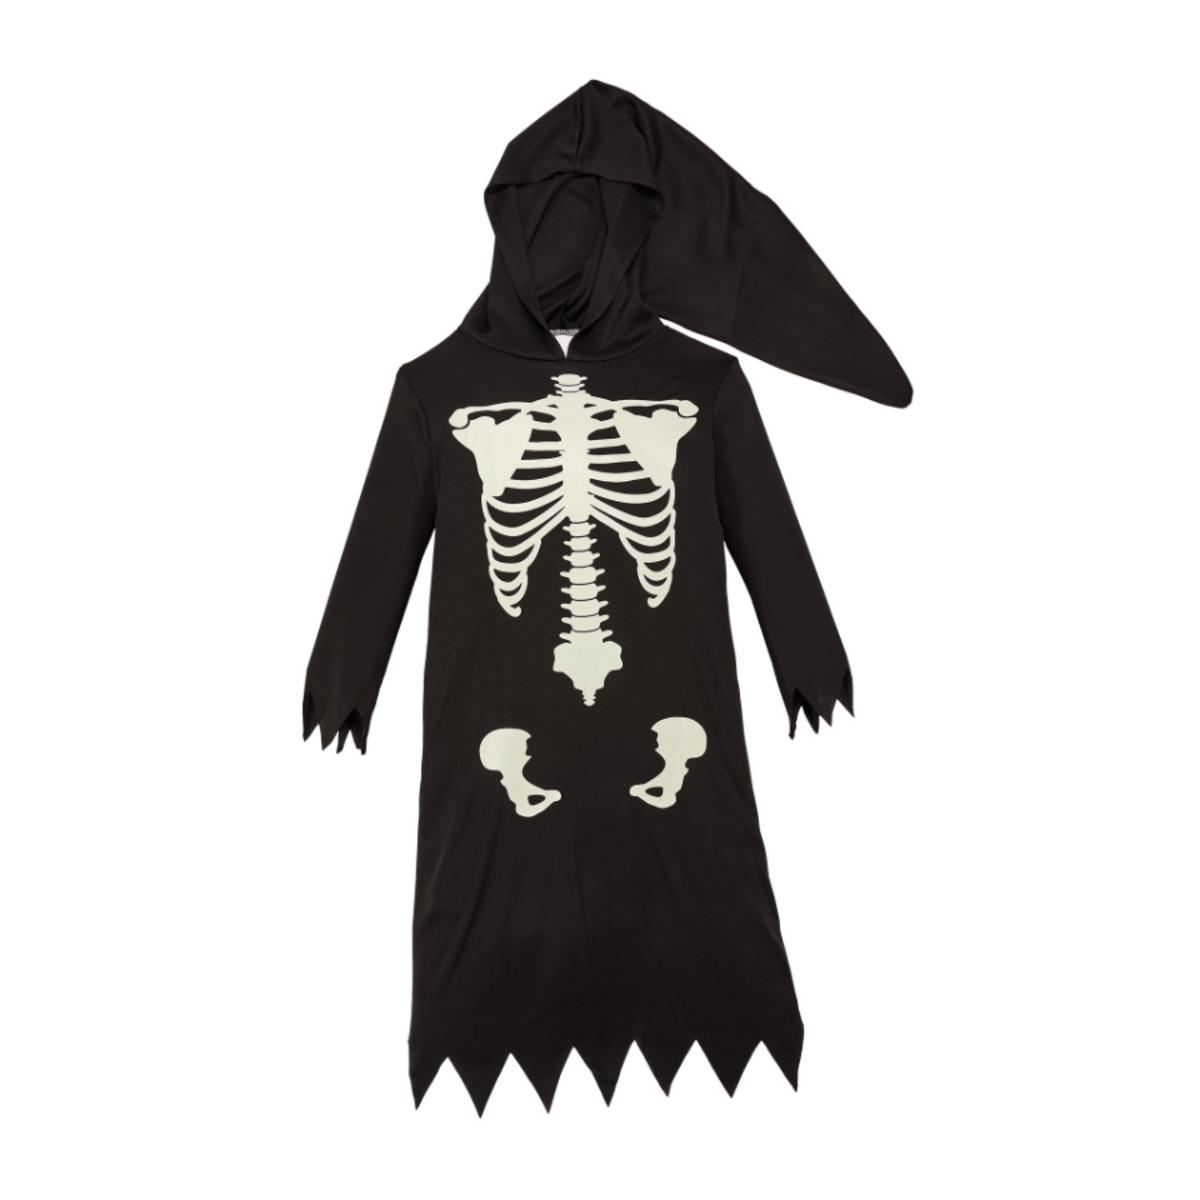 Bild 2 von POCOPIANO     Halloween Kostüm